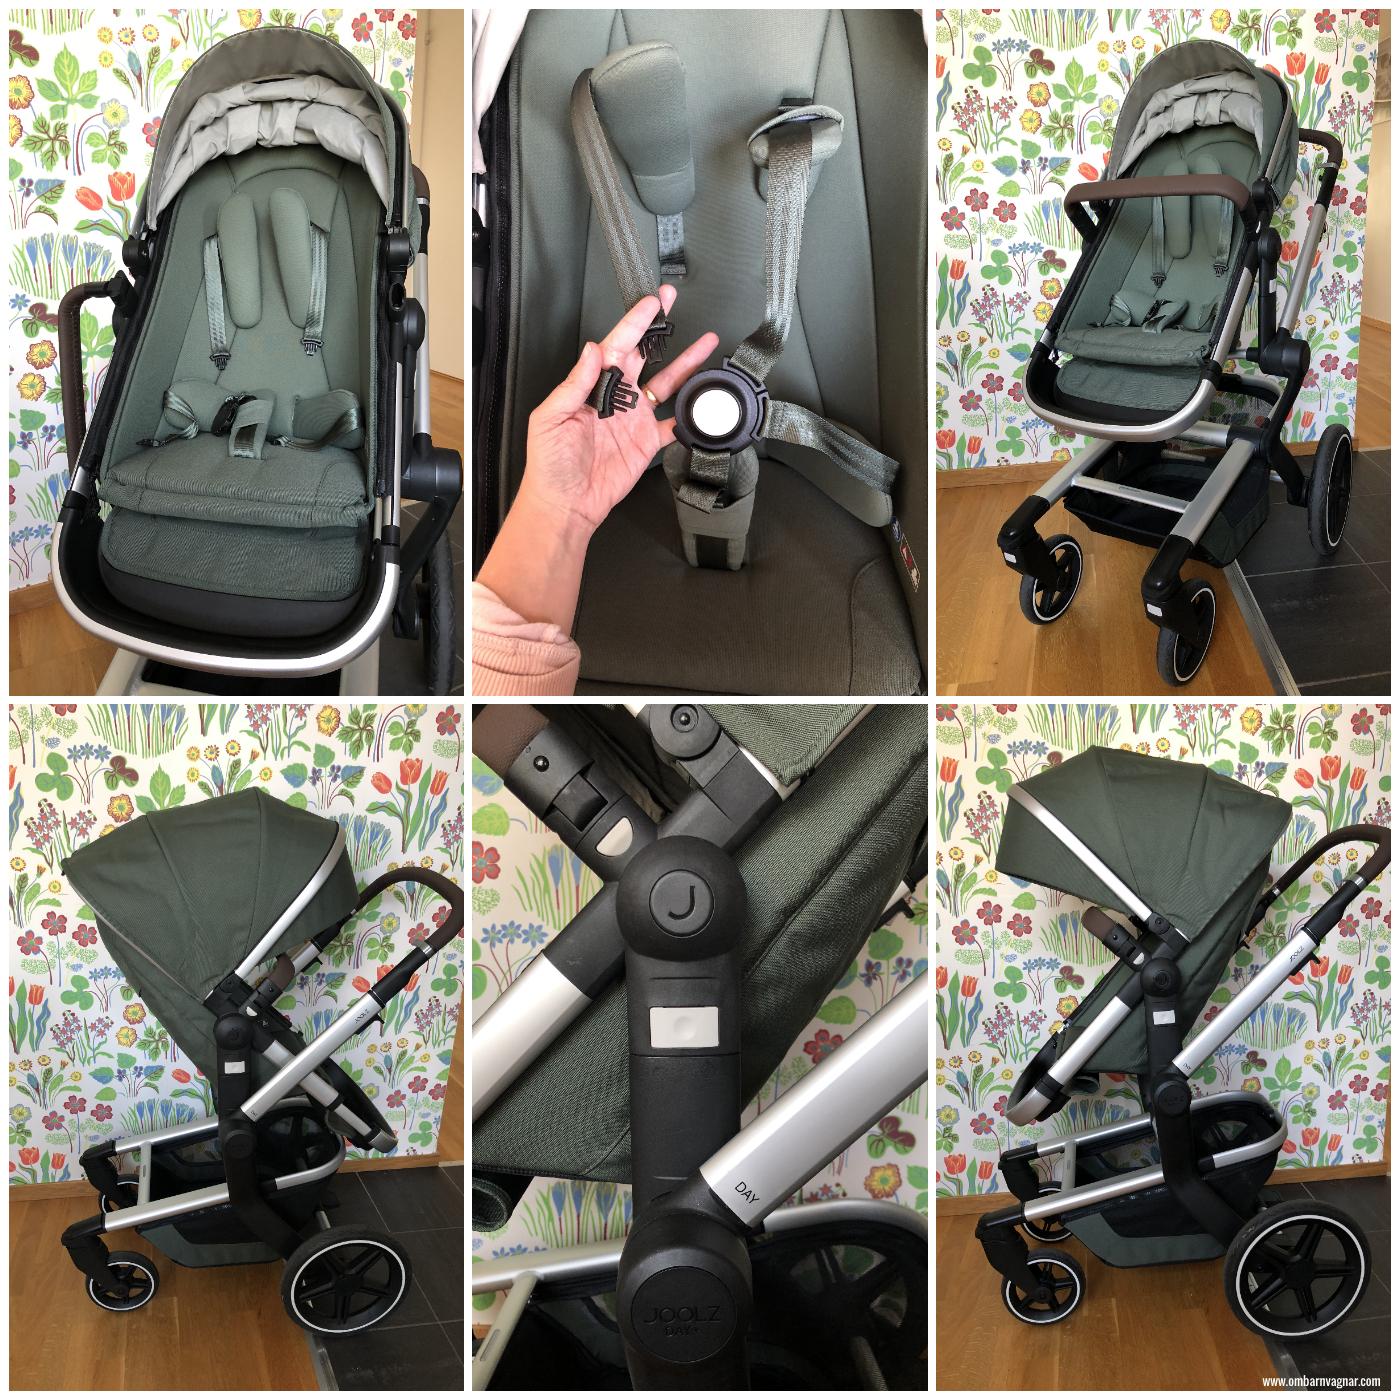 Joolz Day + med ergonomisk, vändbar sittdel